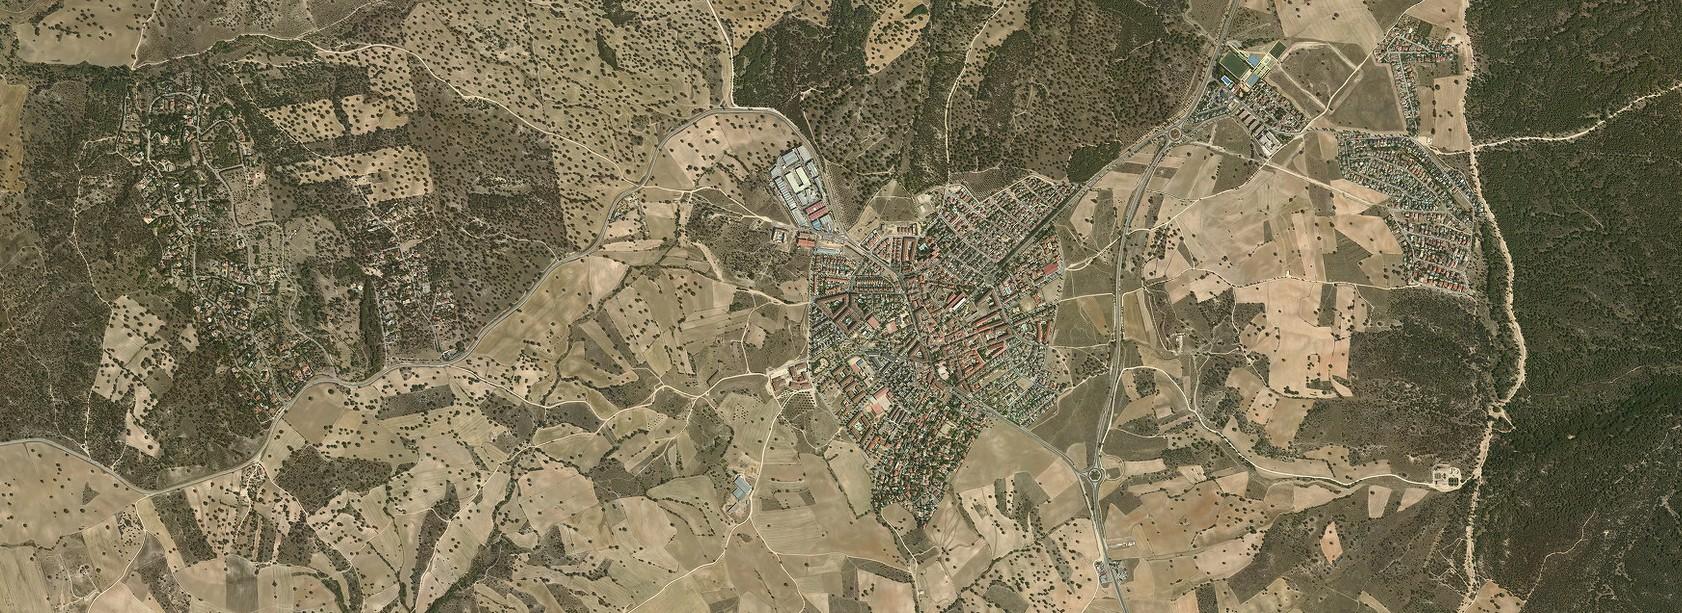 plan-general-de-ordenacion-urbana